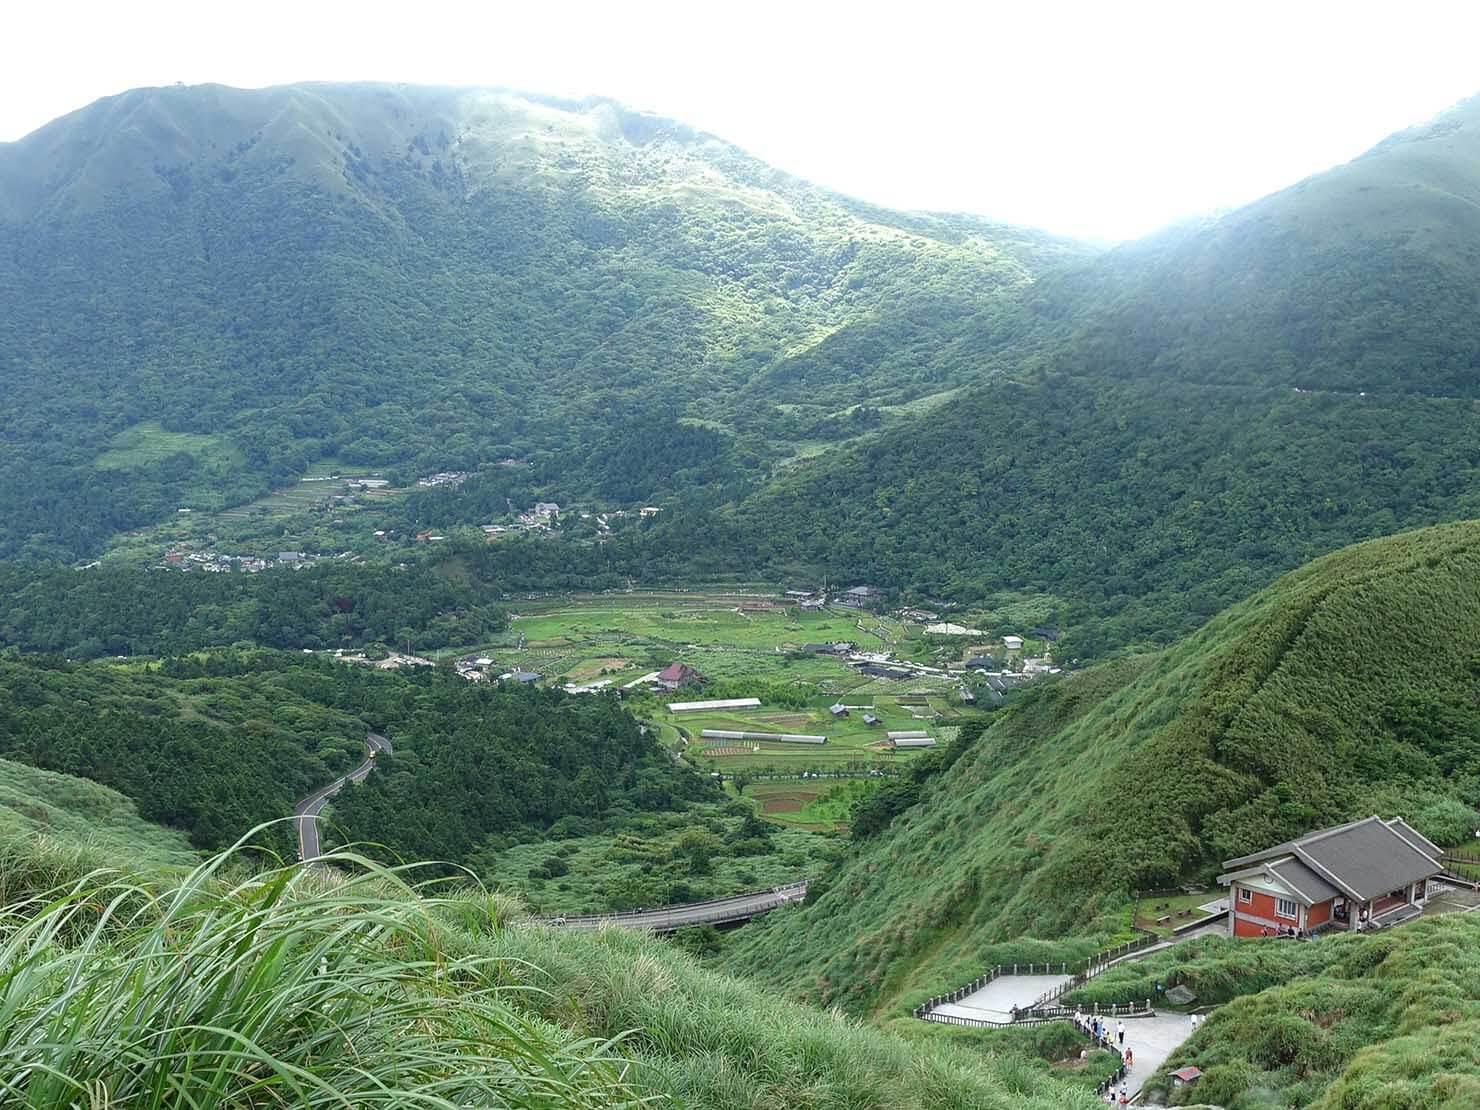 台北・陽明山のおすすめスポット「小油坑」から眺める竹子湖